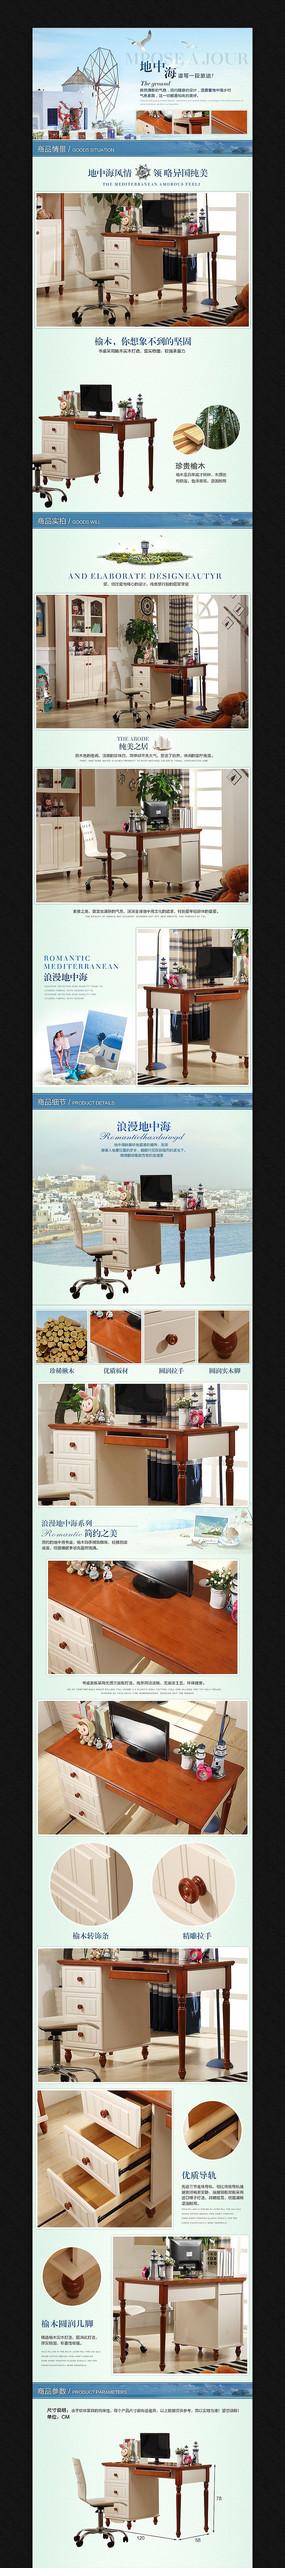 淘宝天猫家具描述图